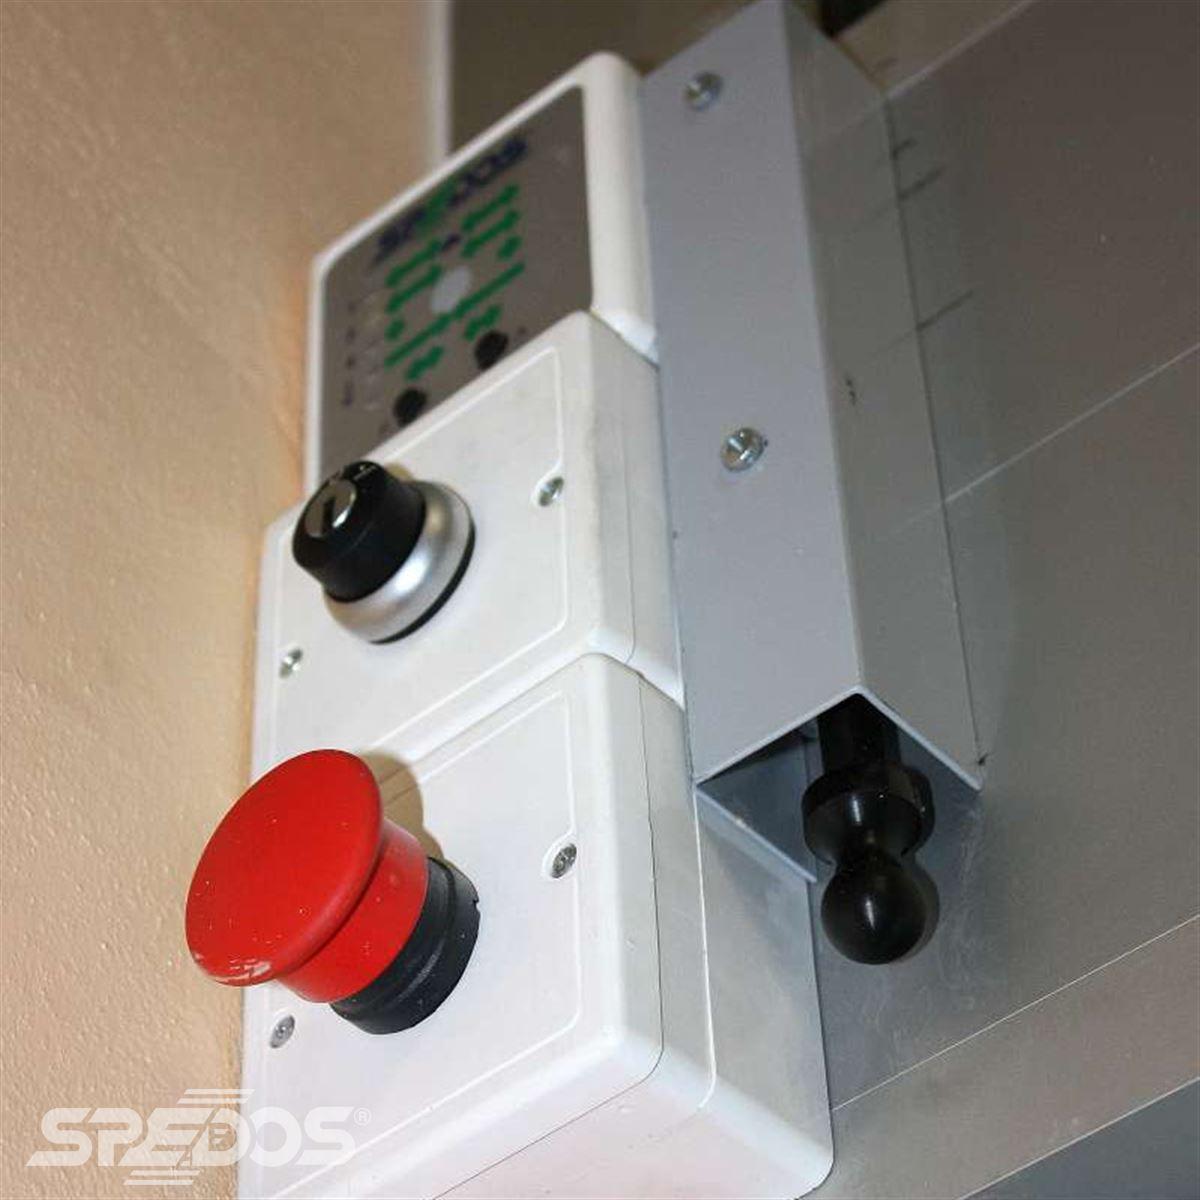 Externí ovládání pro automatické dveře